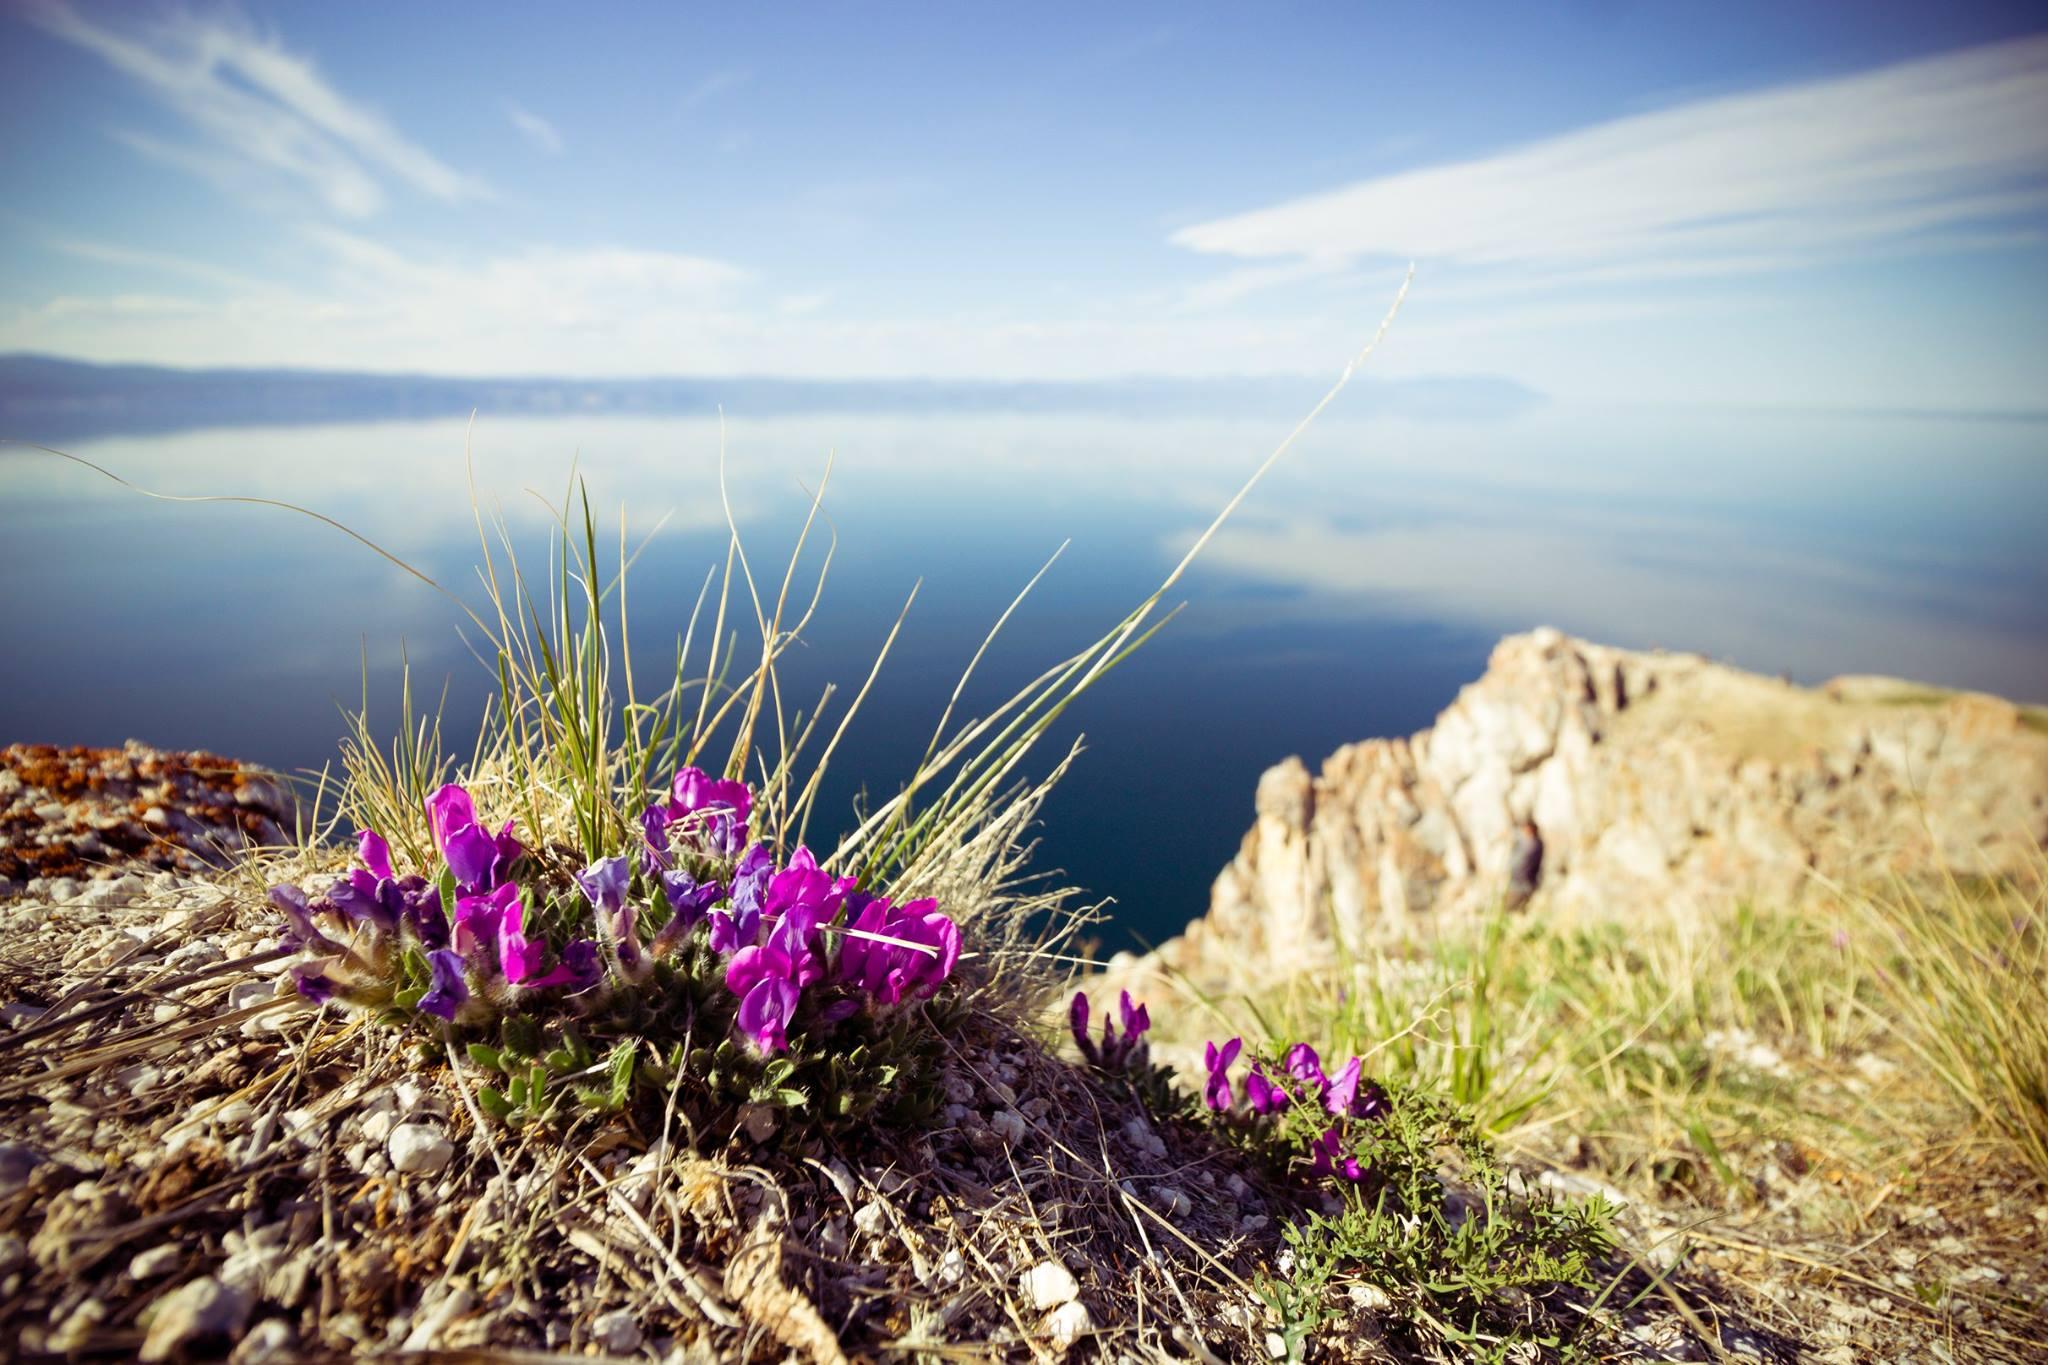 """Na Mongólia, o Baikal é chamado de """"Baigal nuur"""", que pode ser traduzido como """"lago natureza"""". Localizado no sul da Sibéria e facilmente acessível a partir das cidades de Irkutsk e Ulan-Ude, é o maior e mais profundo lago de água doce no mundo."""